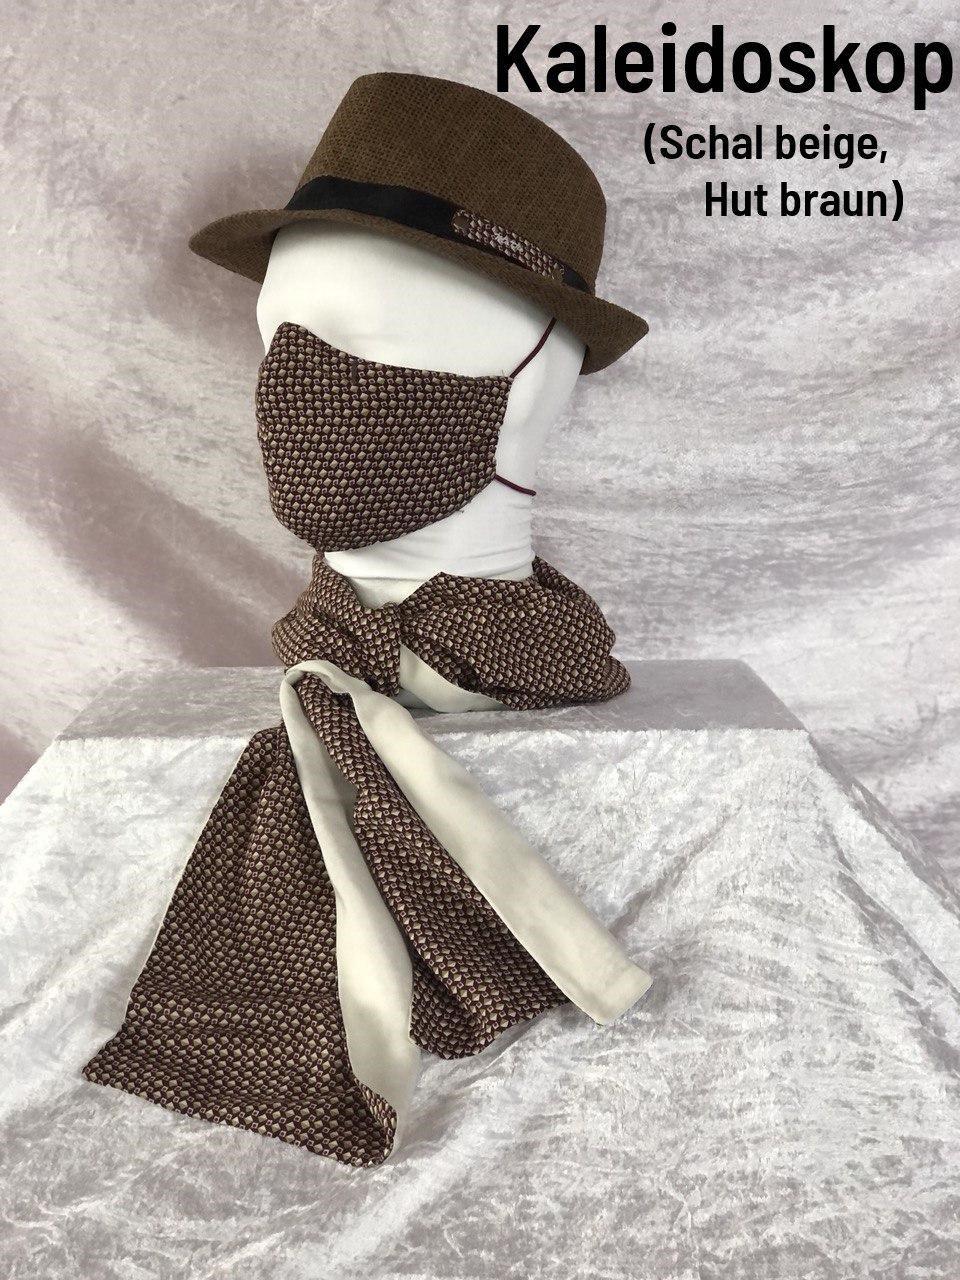 F1 - Maske + Schal beige + Hut braun